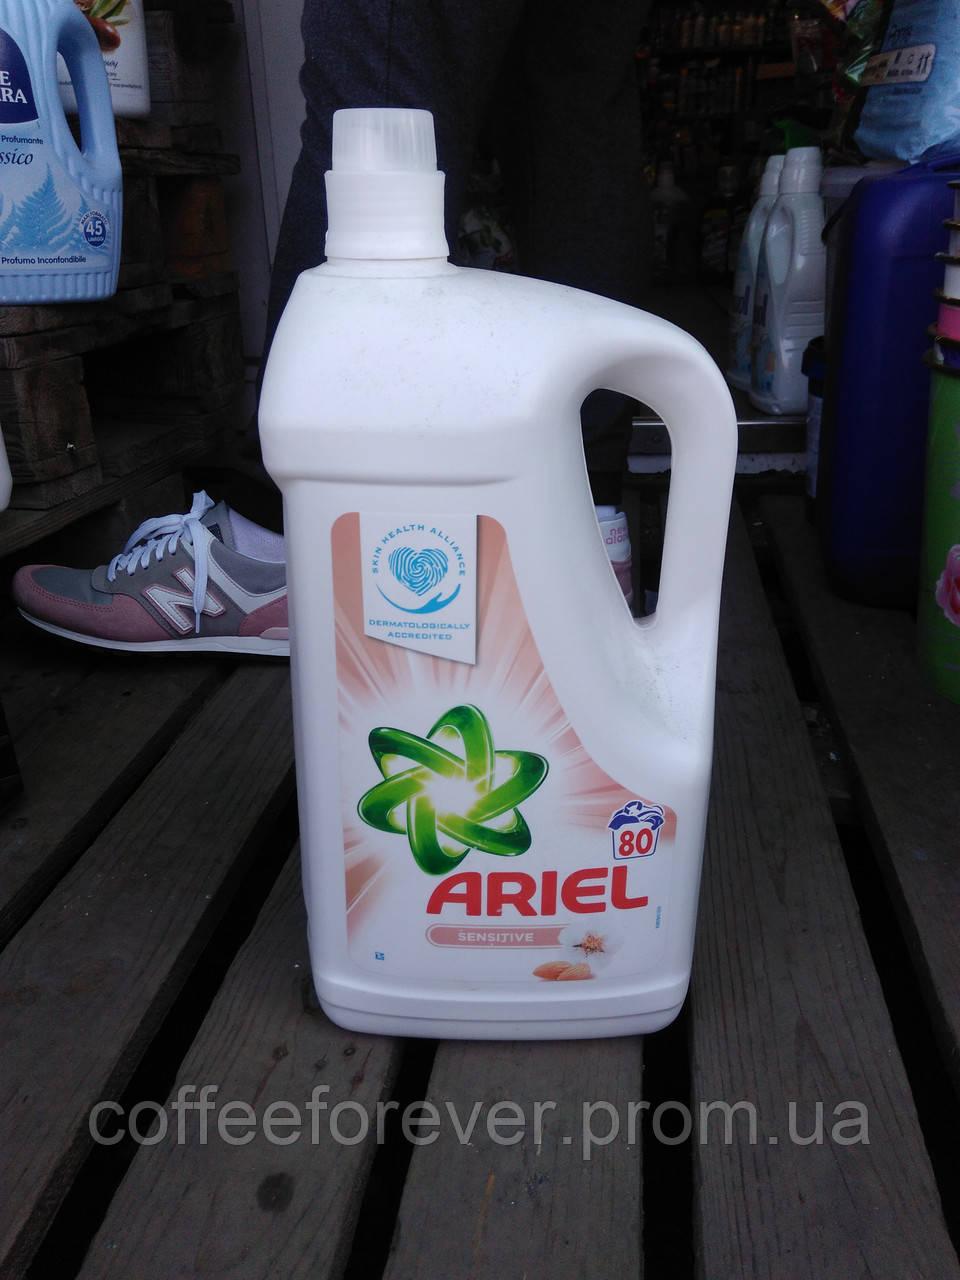 Гель для прання Ariel Sensitive - 80 6ae30bb35af89